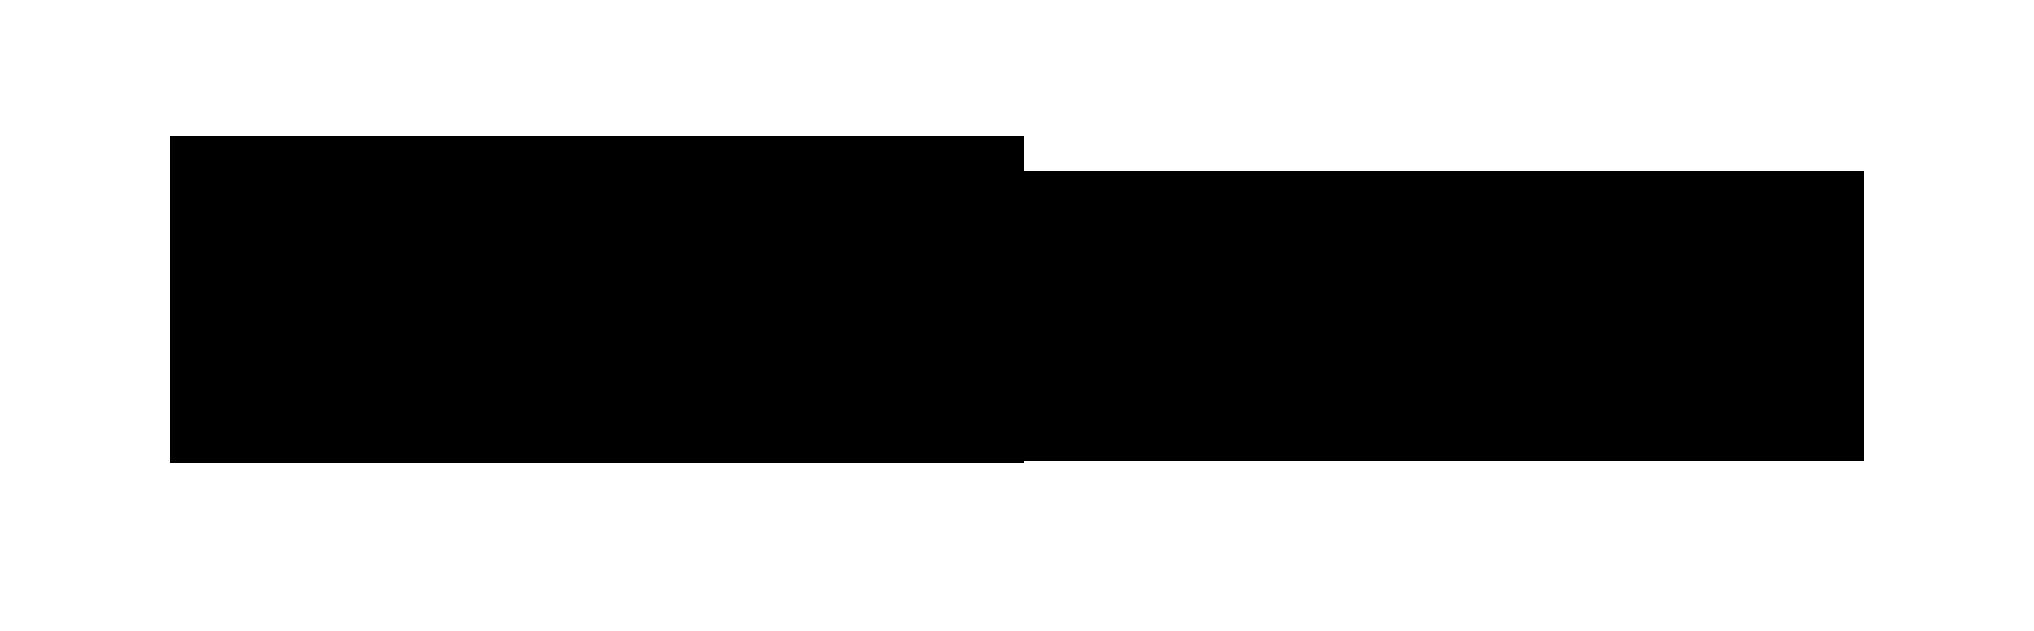 Telfer_Tagline_Bil_Centered_K_RGB.png